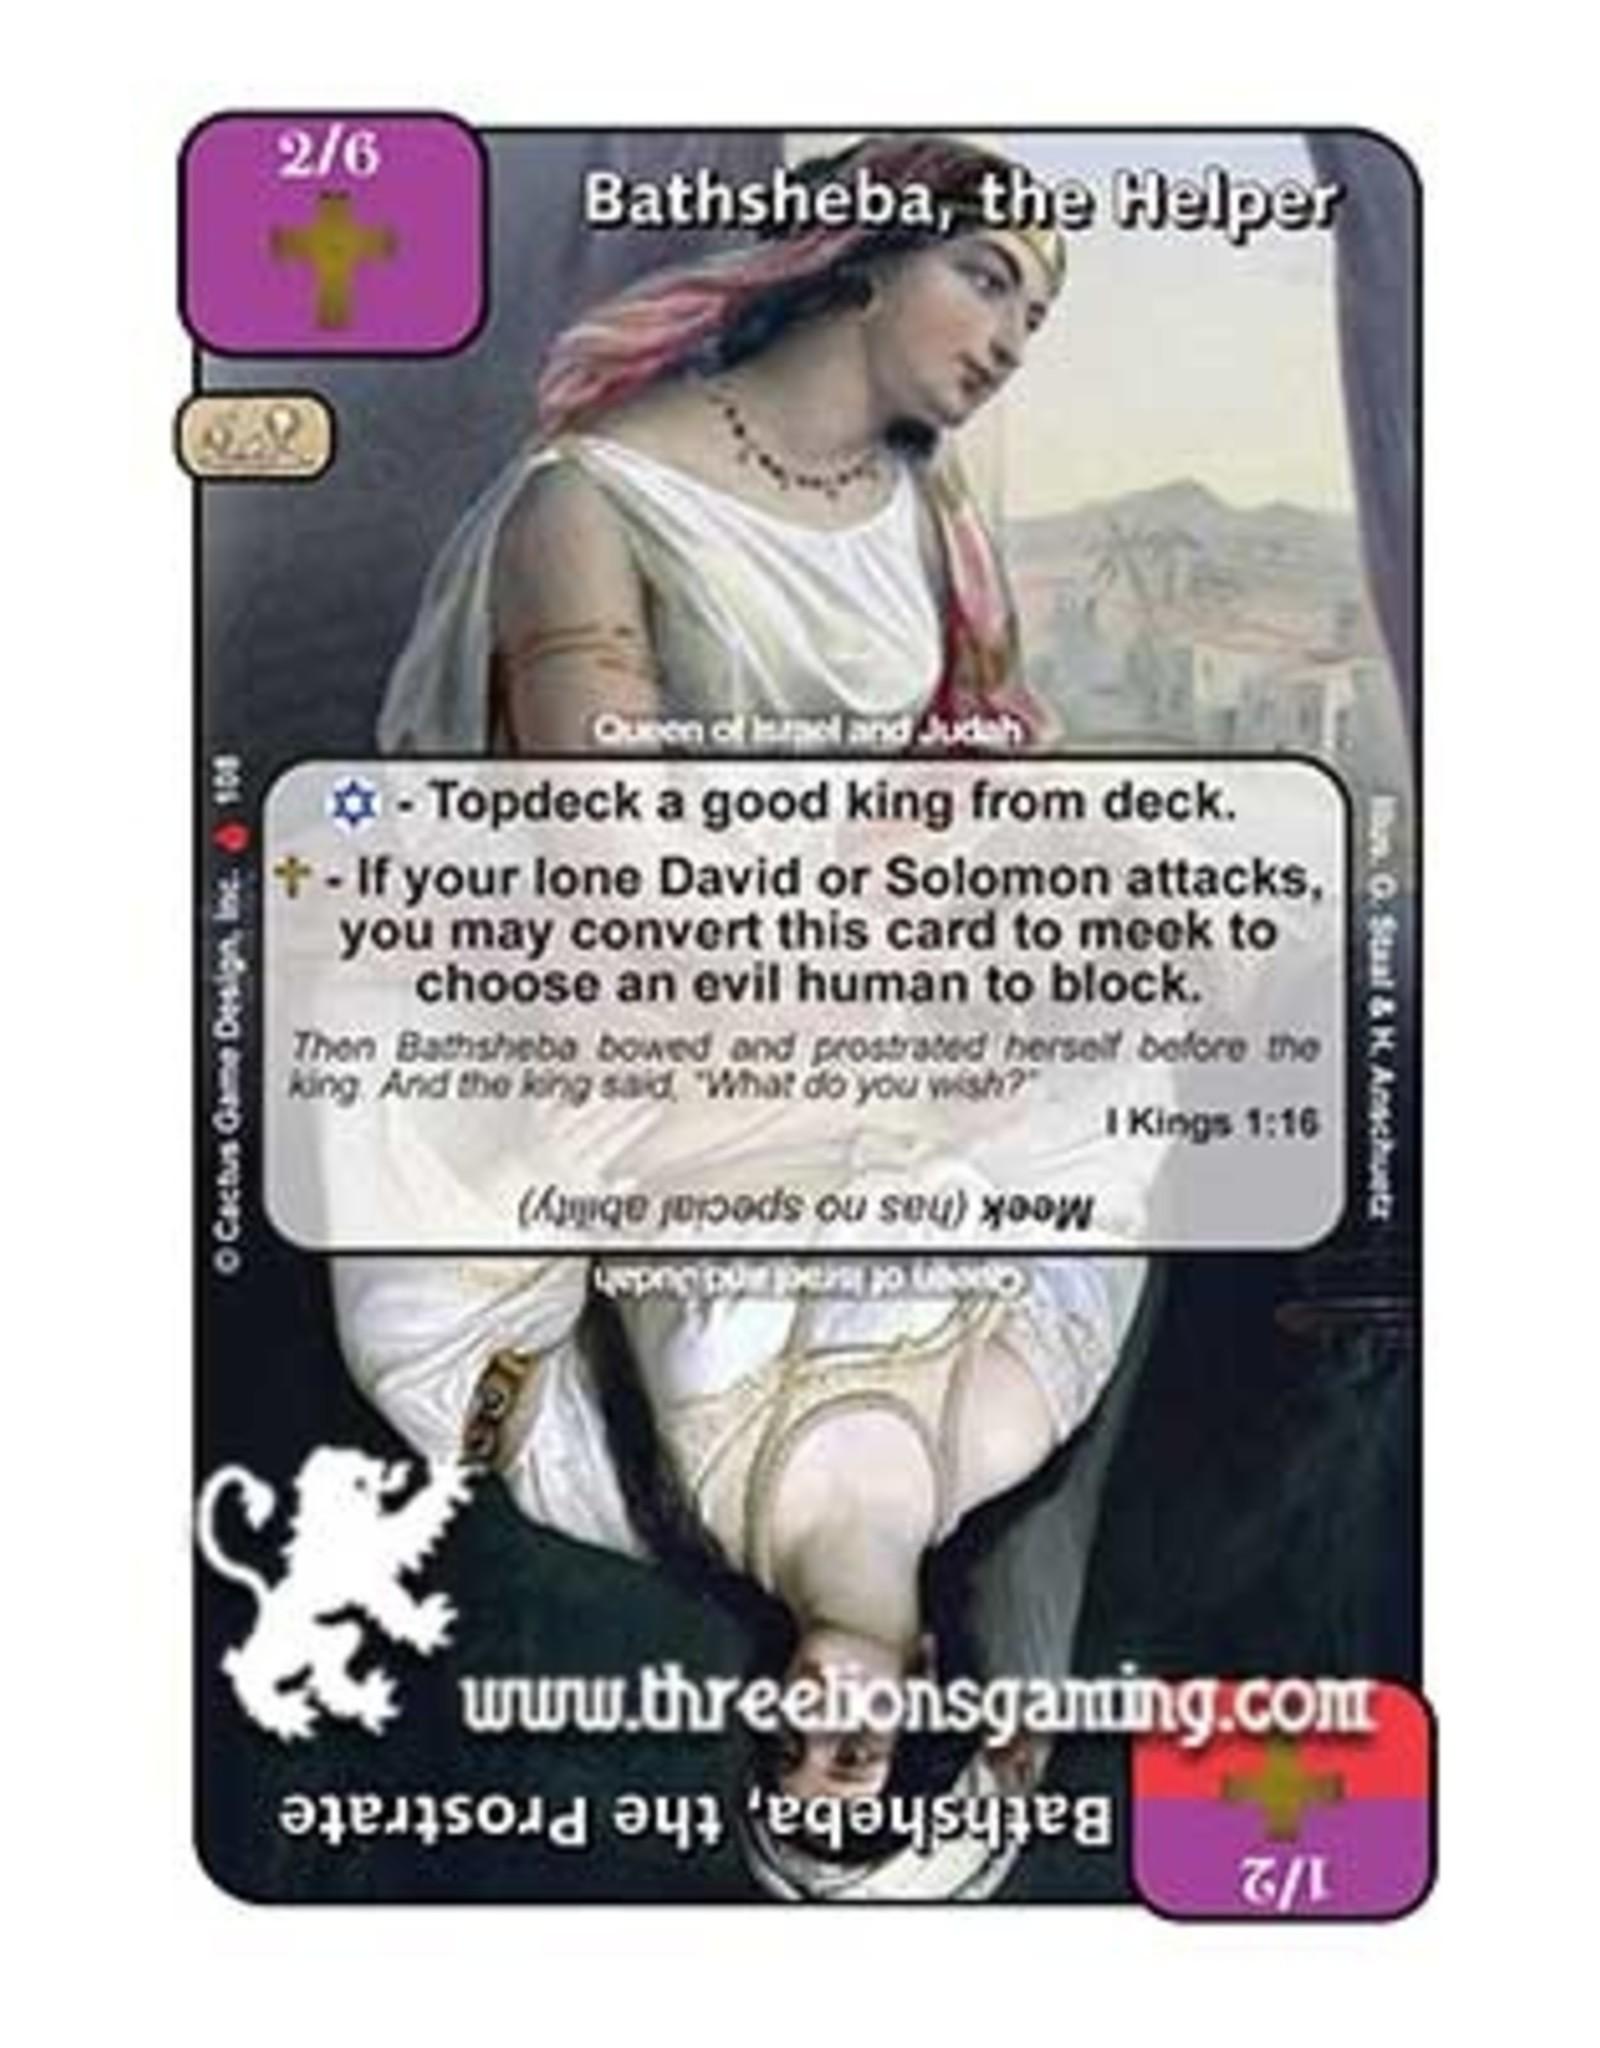 LoC: Bathsheba, the Helper / Bathsheba, the Prostrate